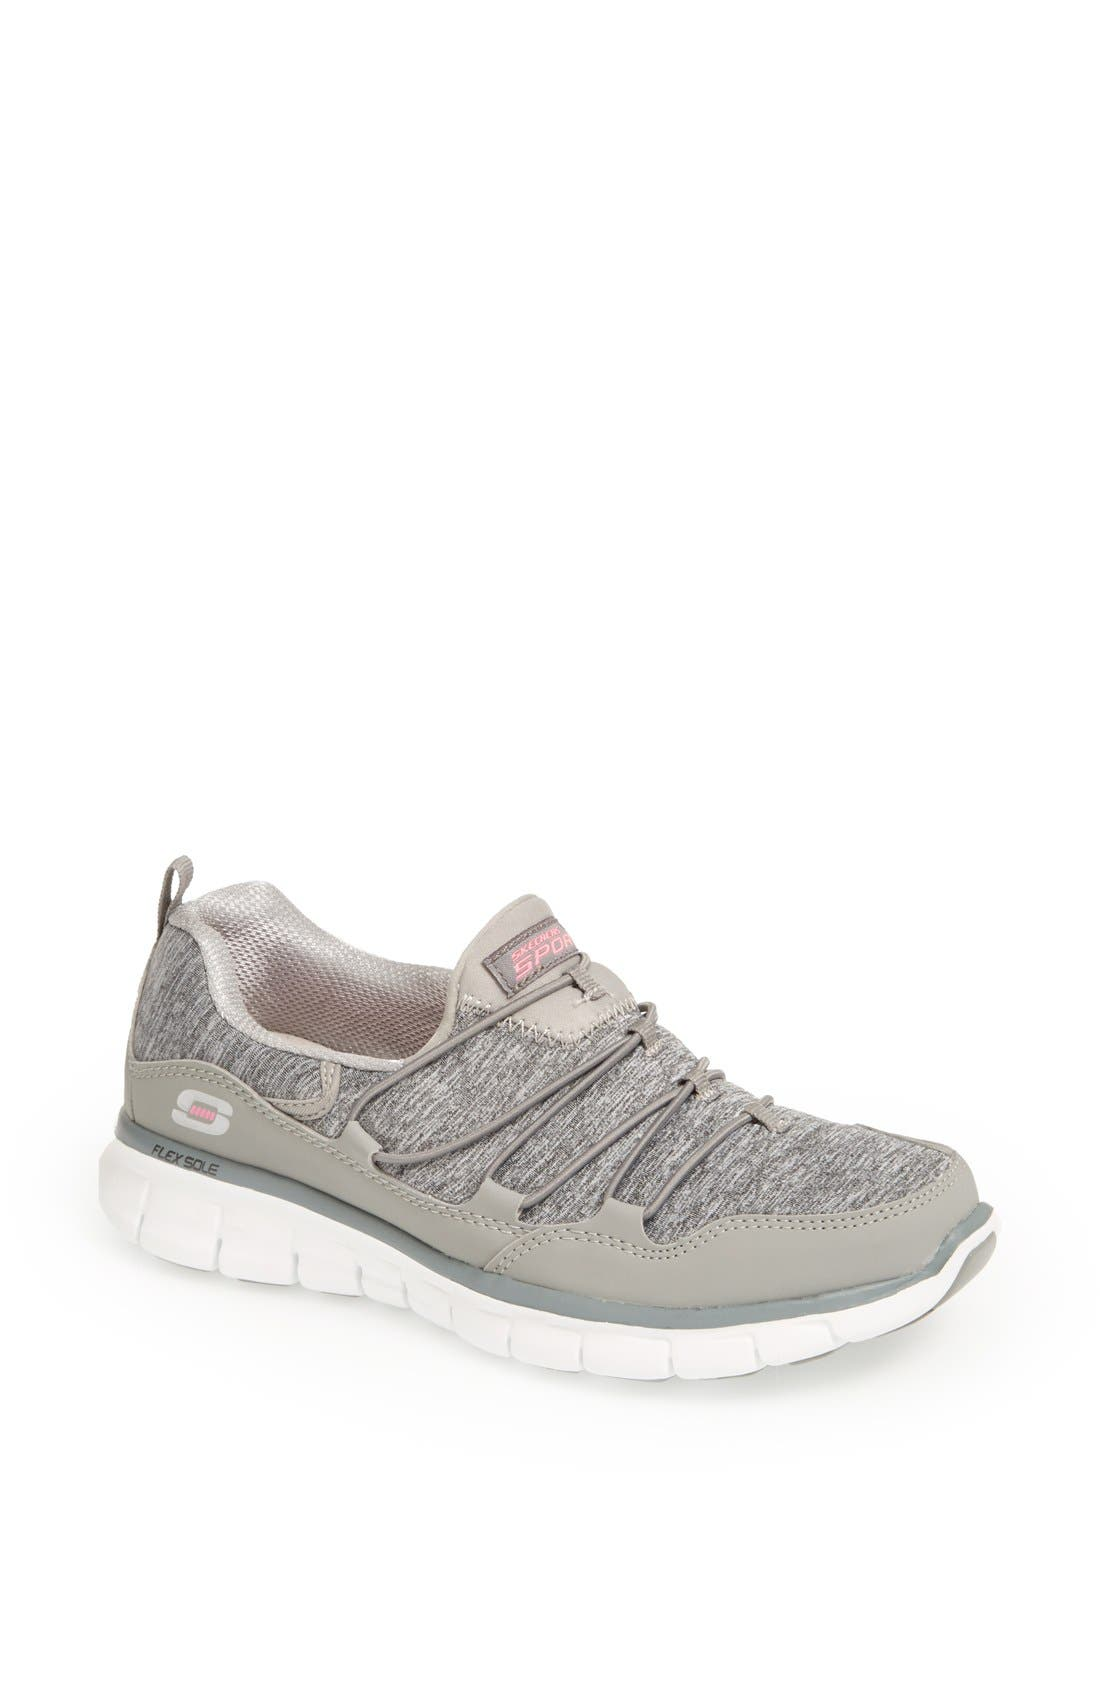 Alternate Image 1 Selected - SKECHERS 'Flex Appeal - Asset Play' Walking Shoe (Women)